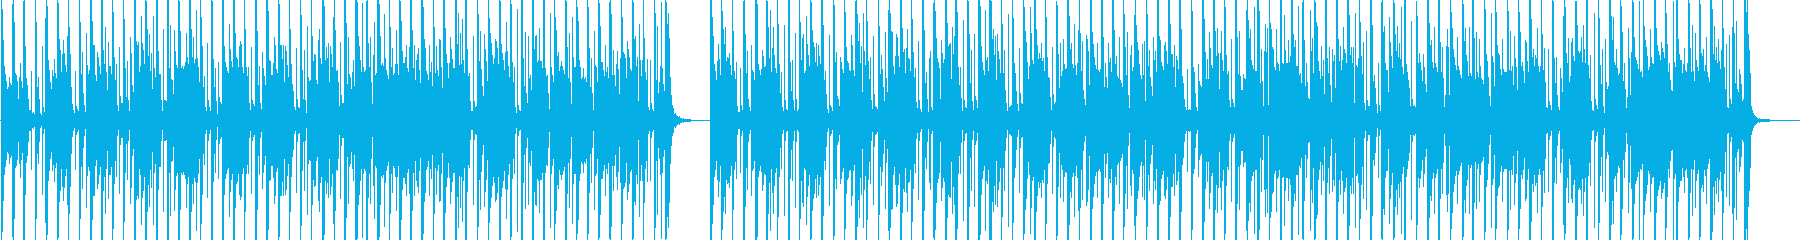 おしゃれなベースの軽快なポップスの再生済みの波形